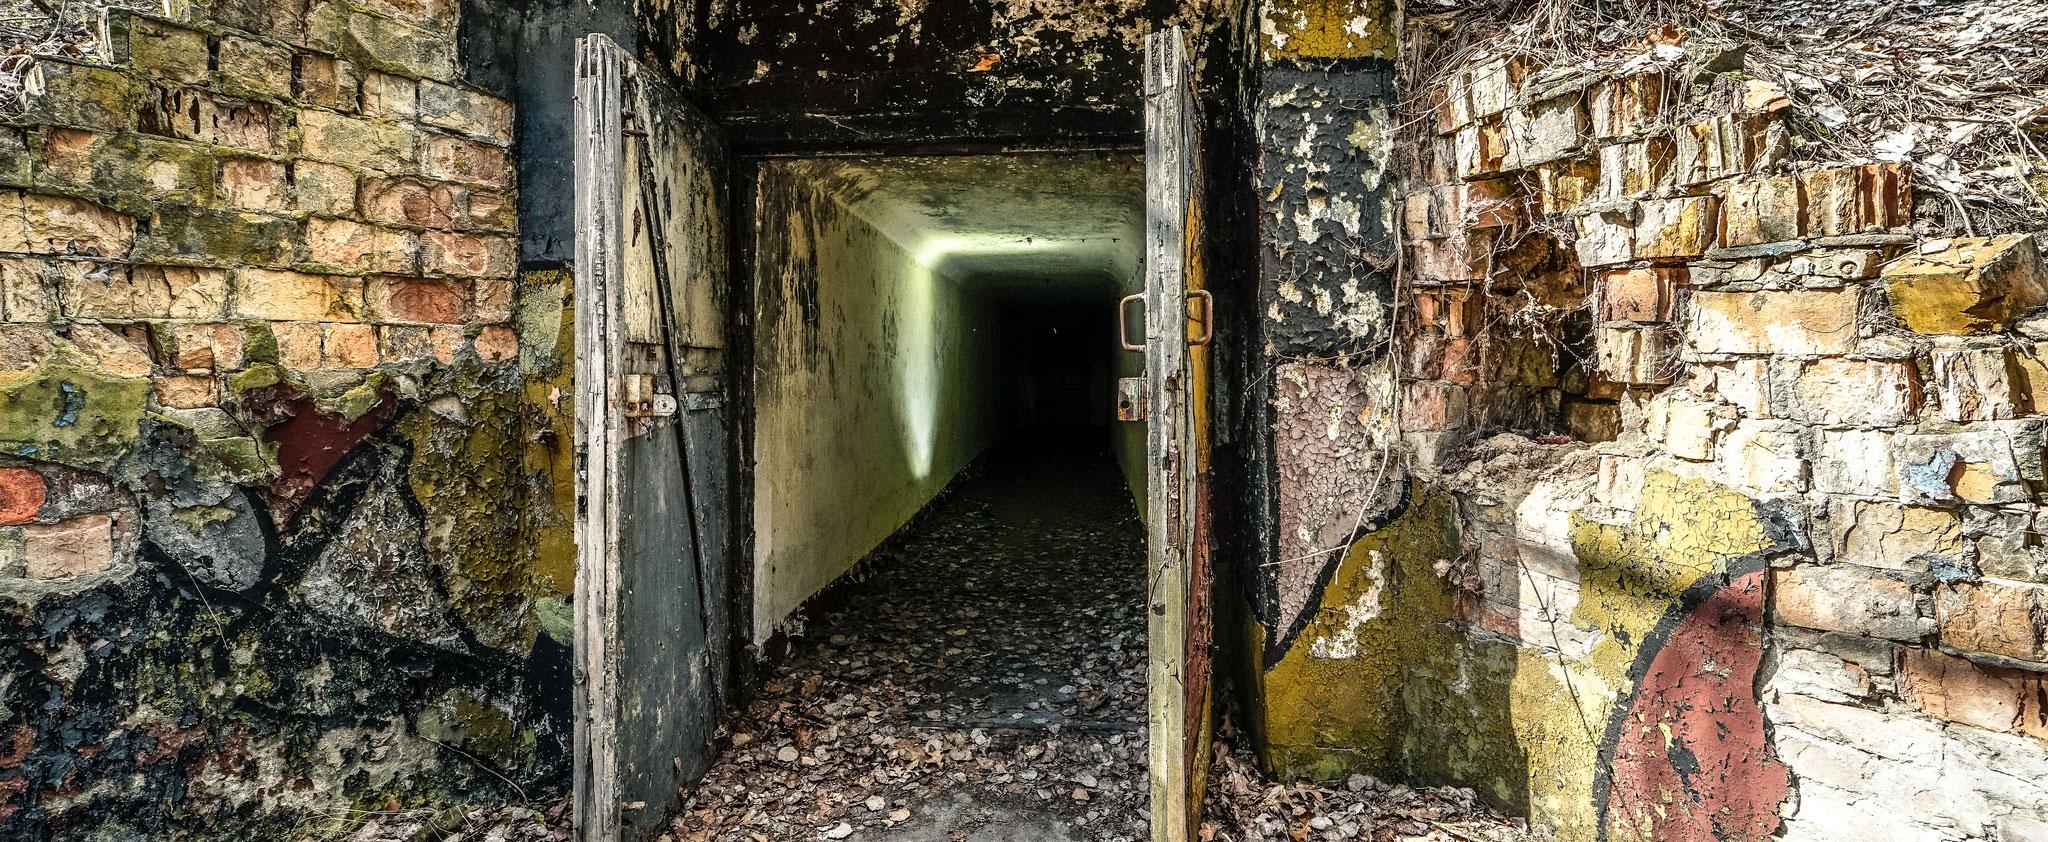 Der Bunker tief im Wald